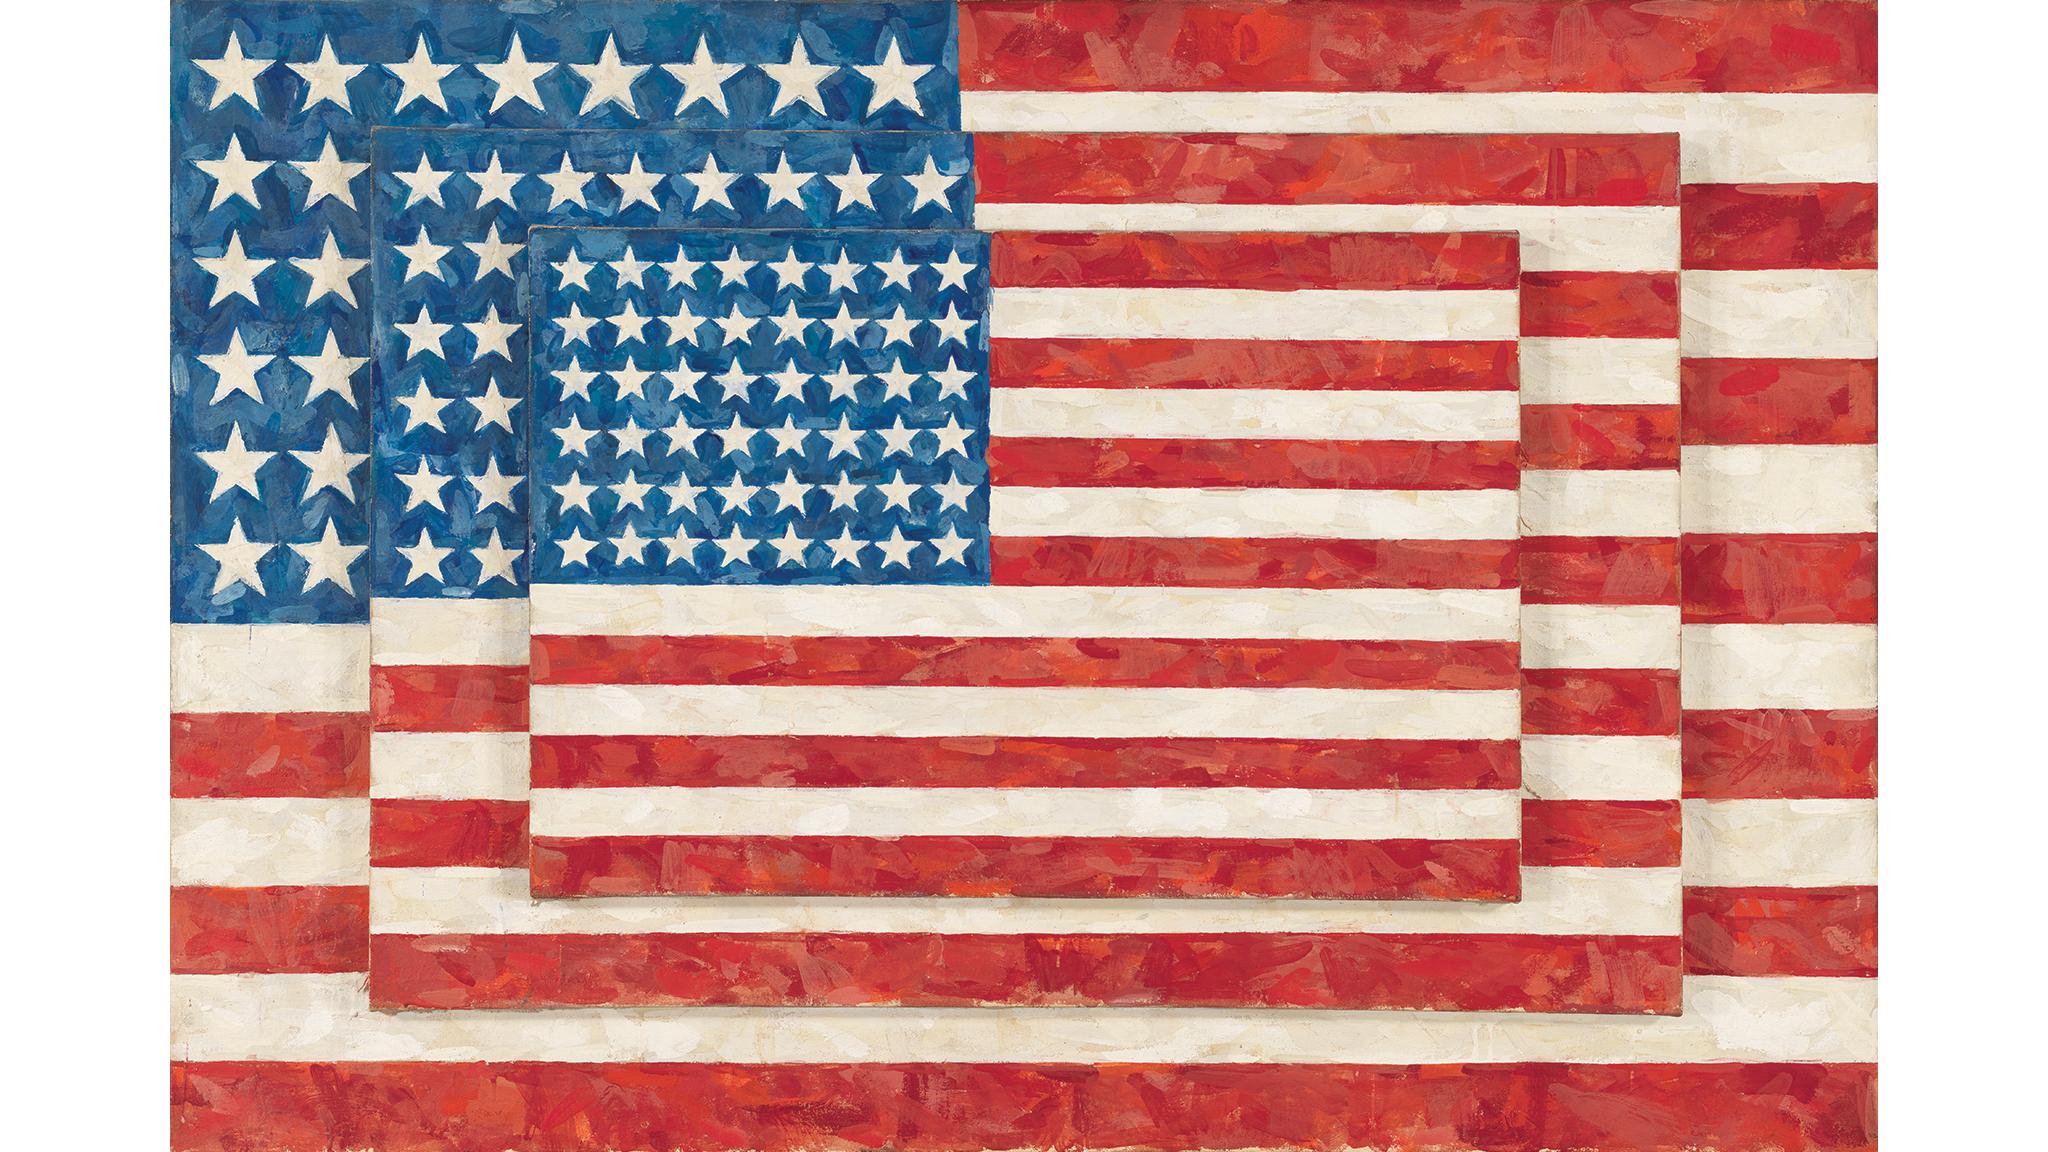 Jasper Johns, Three Flags, 1958